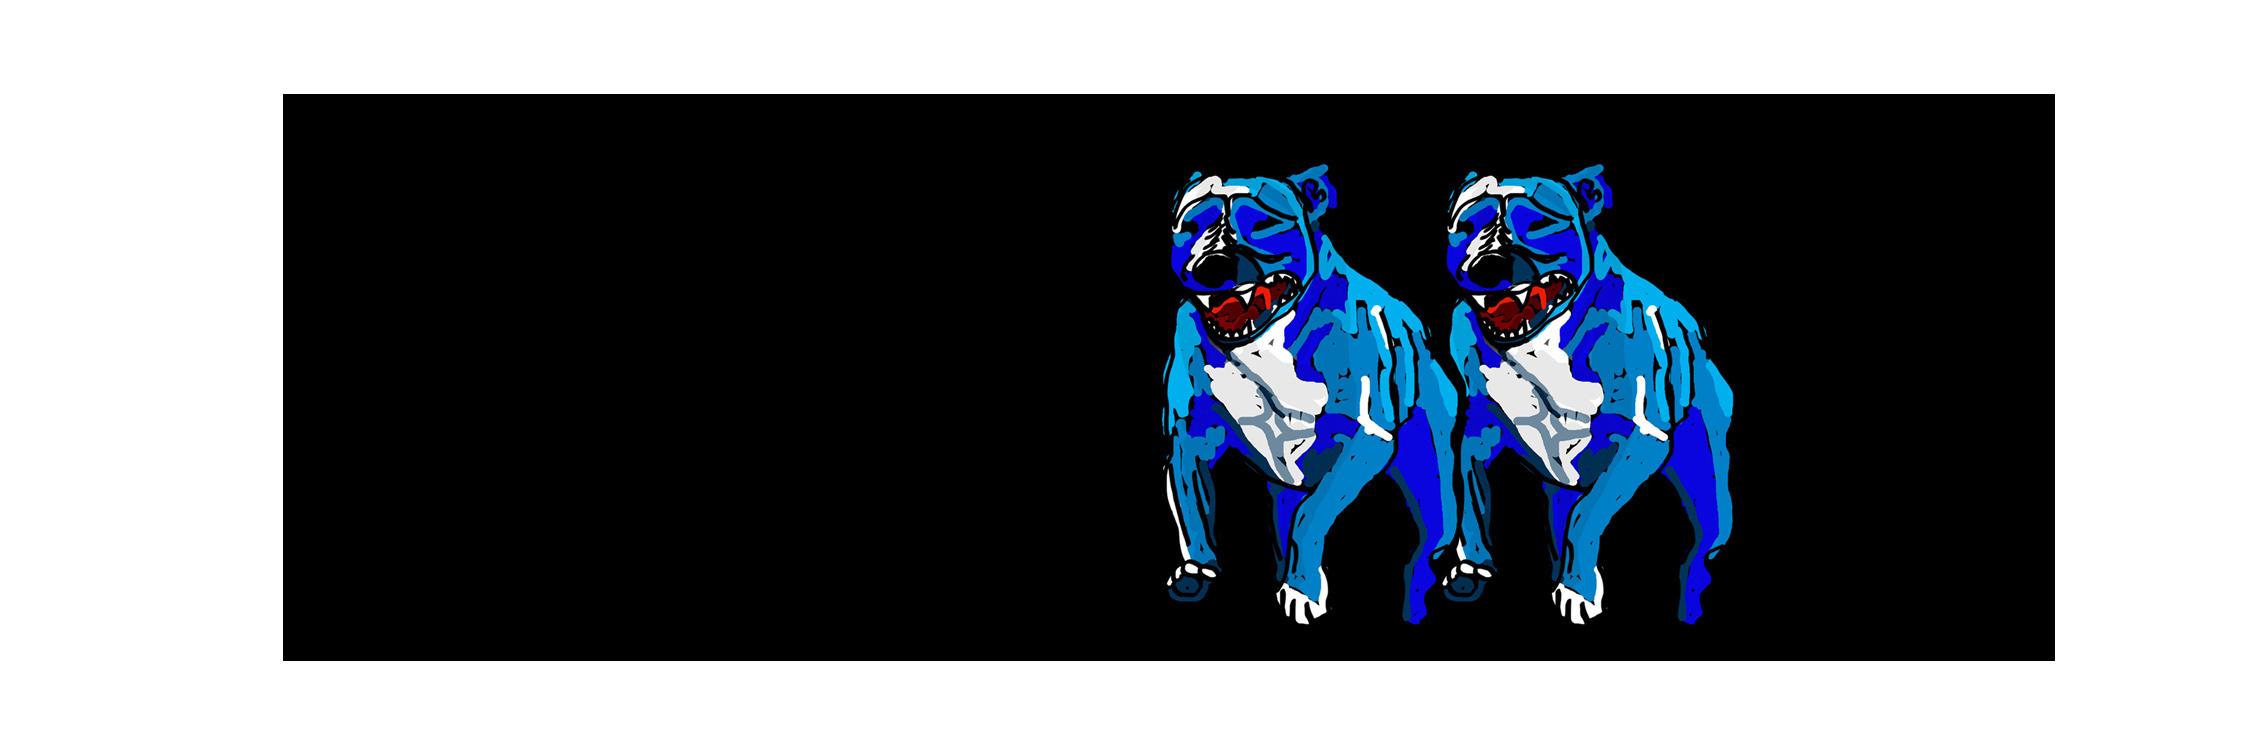 dogs_header